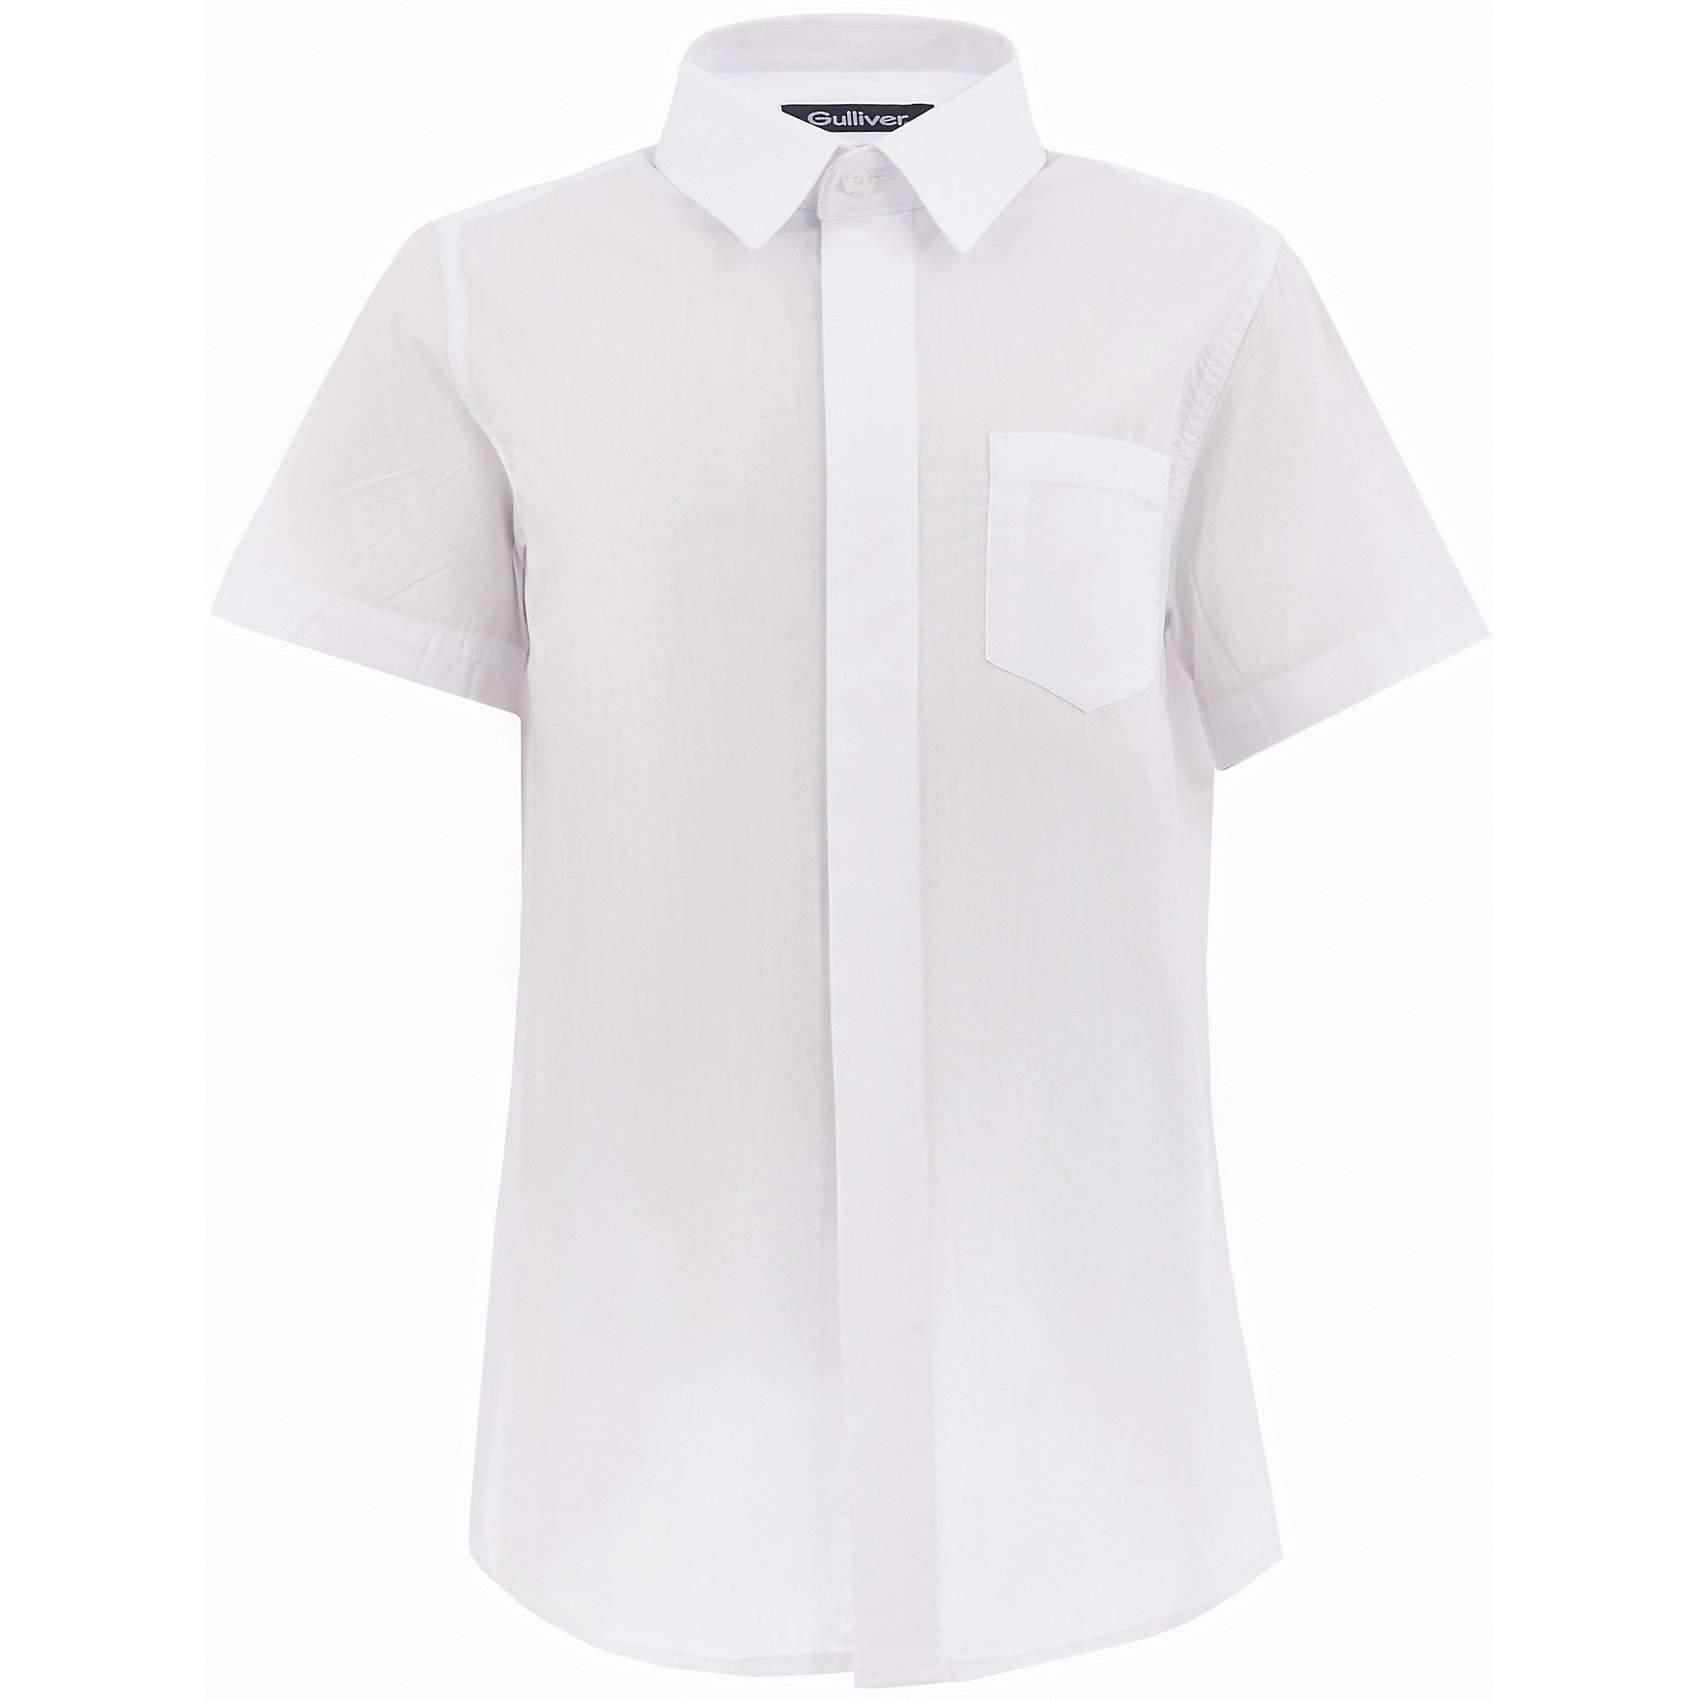 Рубашка для мальчика GulliverБлузки и рубашки<br>Характеристики товара:<br><br>• цвет: белый<br>• состав: 80% хлопок, 20% полиэстер <br>• сезон: круглый год<br>• особенности: школьная, повседневная<br>• воротник-стойка<br>• застежки: пуговицы<br>• с коротким рукавом<br>• нагрудный накладной карман<br>• страна бренда: Российская Федерация<br>• страна производства: Российская Федерация<br><br>Школьная рубашка с коротким рукавом для мальчика. Белая рубашка застегиваетс яна пуговицы, имеется нагрудный накладной карман.<br><br>Рубашку для мальчика Gulliver (Гулливер) можно купить в нашем интернет-магазине.<br><br>Ширина мм: 174<br>Глубина мм: 10<br>Высота мм: 169<br>Вес г: 157<br>Цвет: белый<br>Возраст от месяцев: 168<br>Возраст до месяцев: 180<br>Пол: Мужской<br>Возраст: Детский<br>Размер: 170,122,128,134,140,146,152,158,164<br>SKU: 6678296